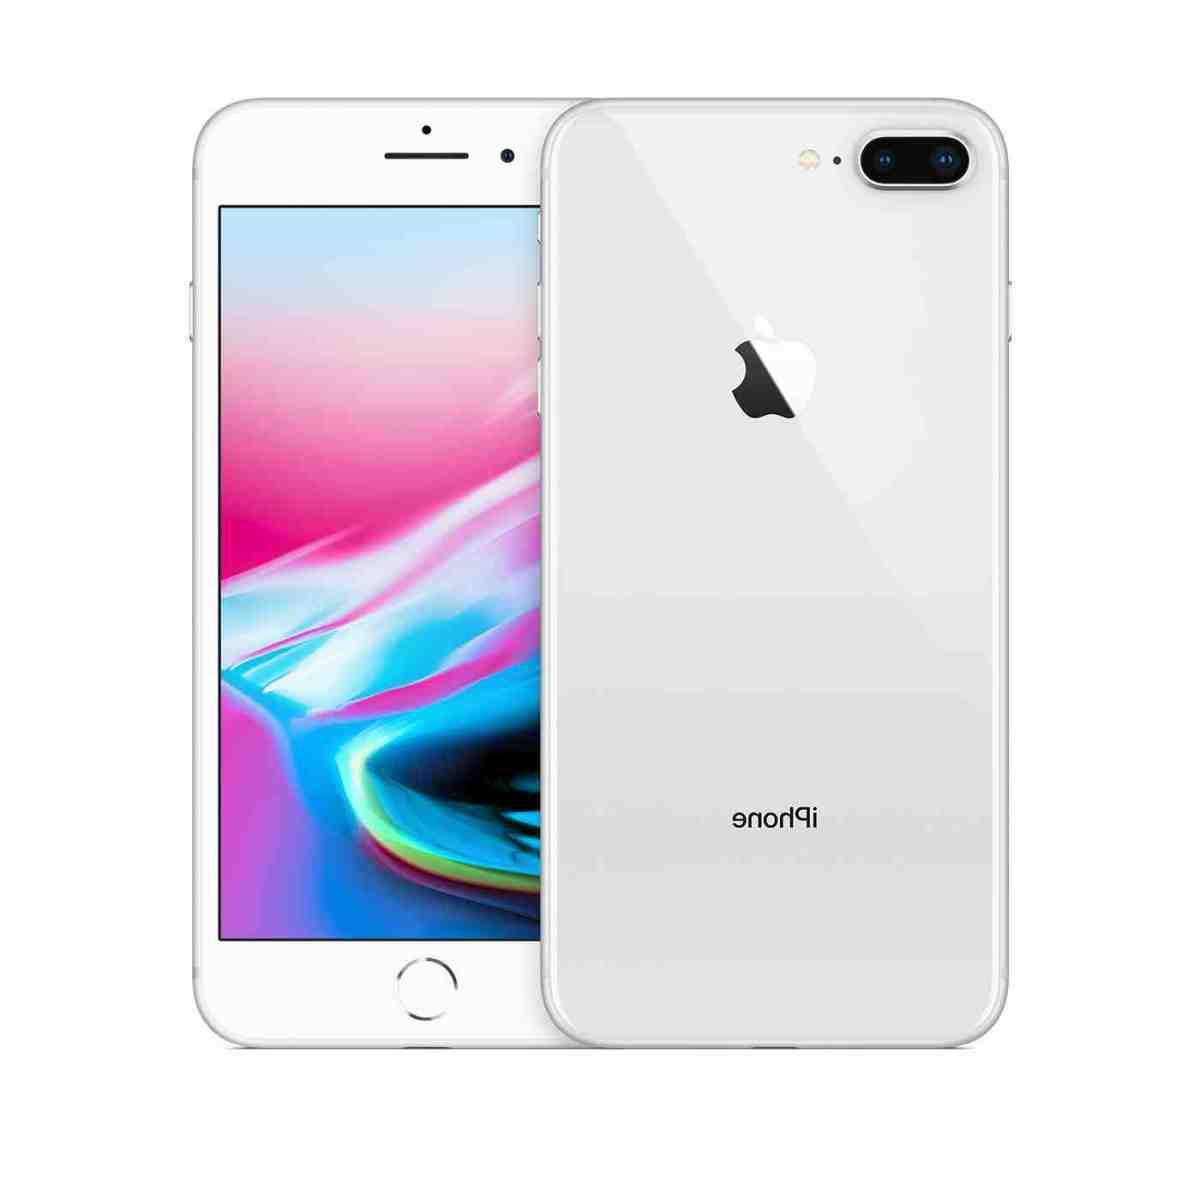 Comment changer l'empreinte sur iPhone 8 ?